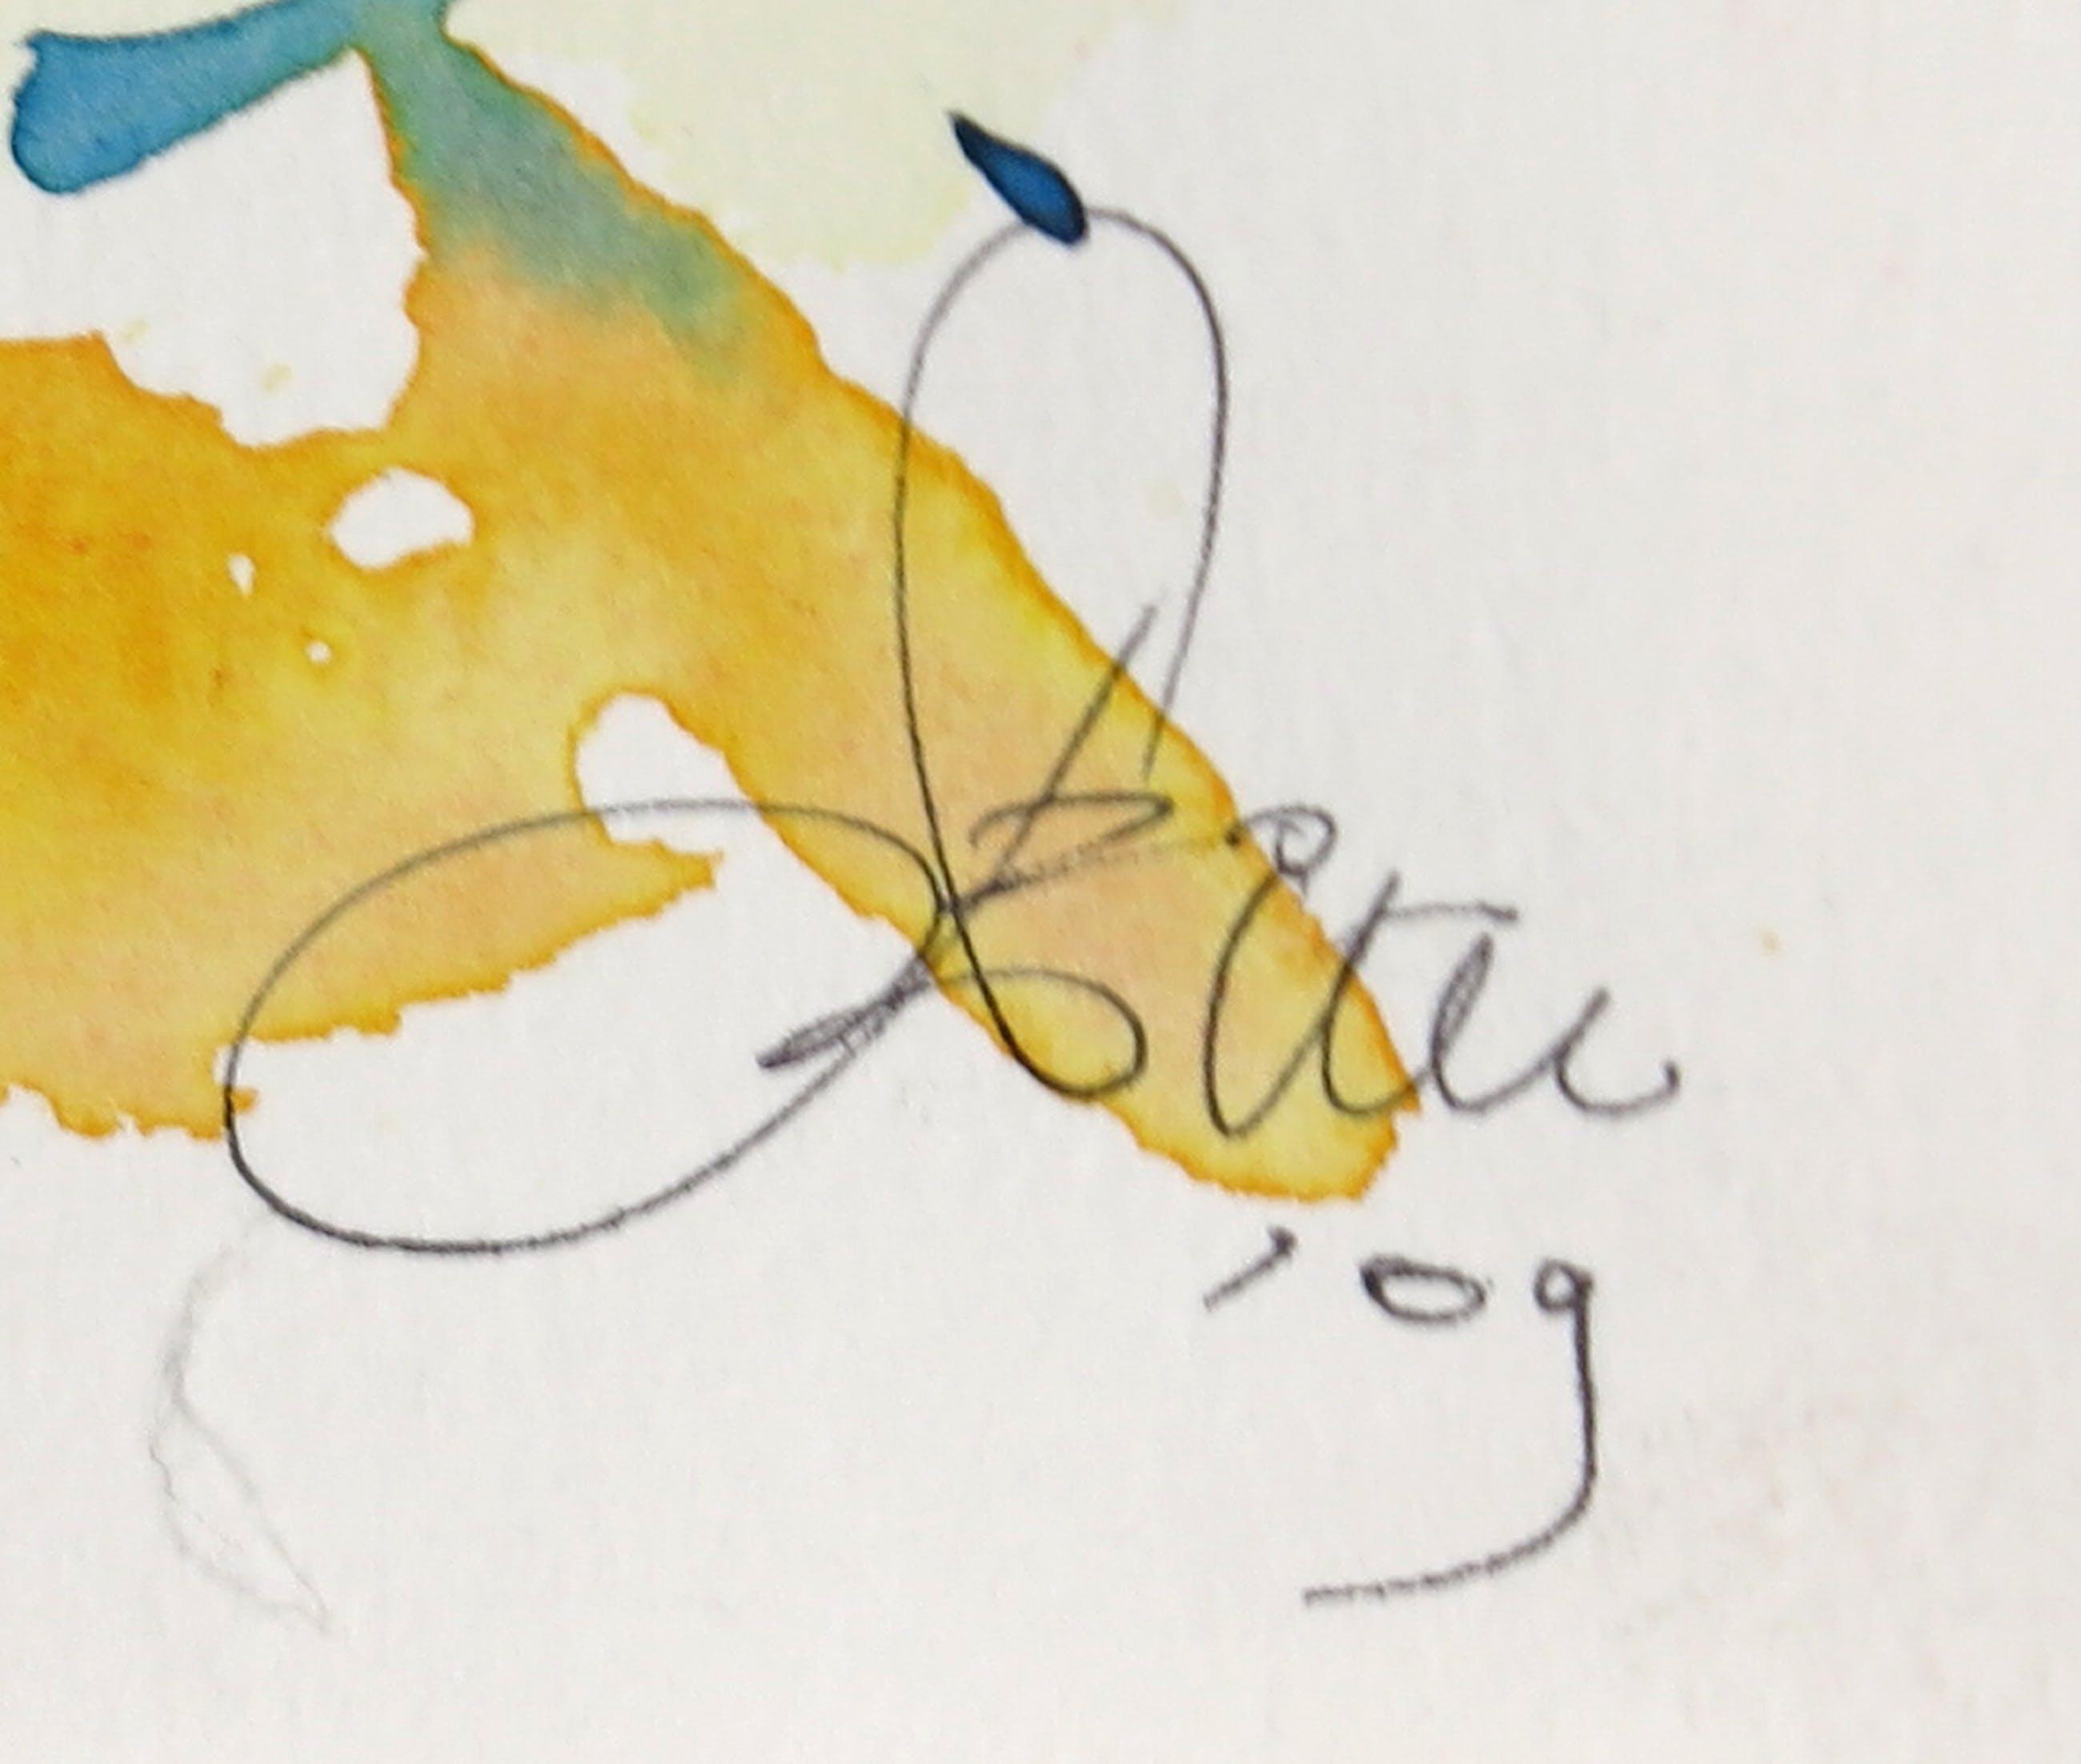 Franscz Witte - Acryl op papier, Malta 7 - Ingelijst kopen? Bied vanaf 1!